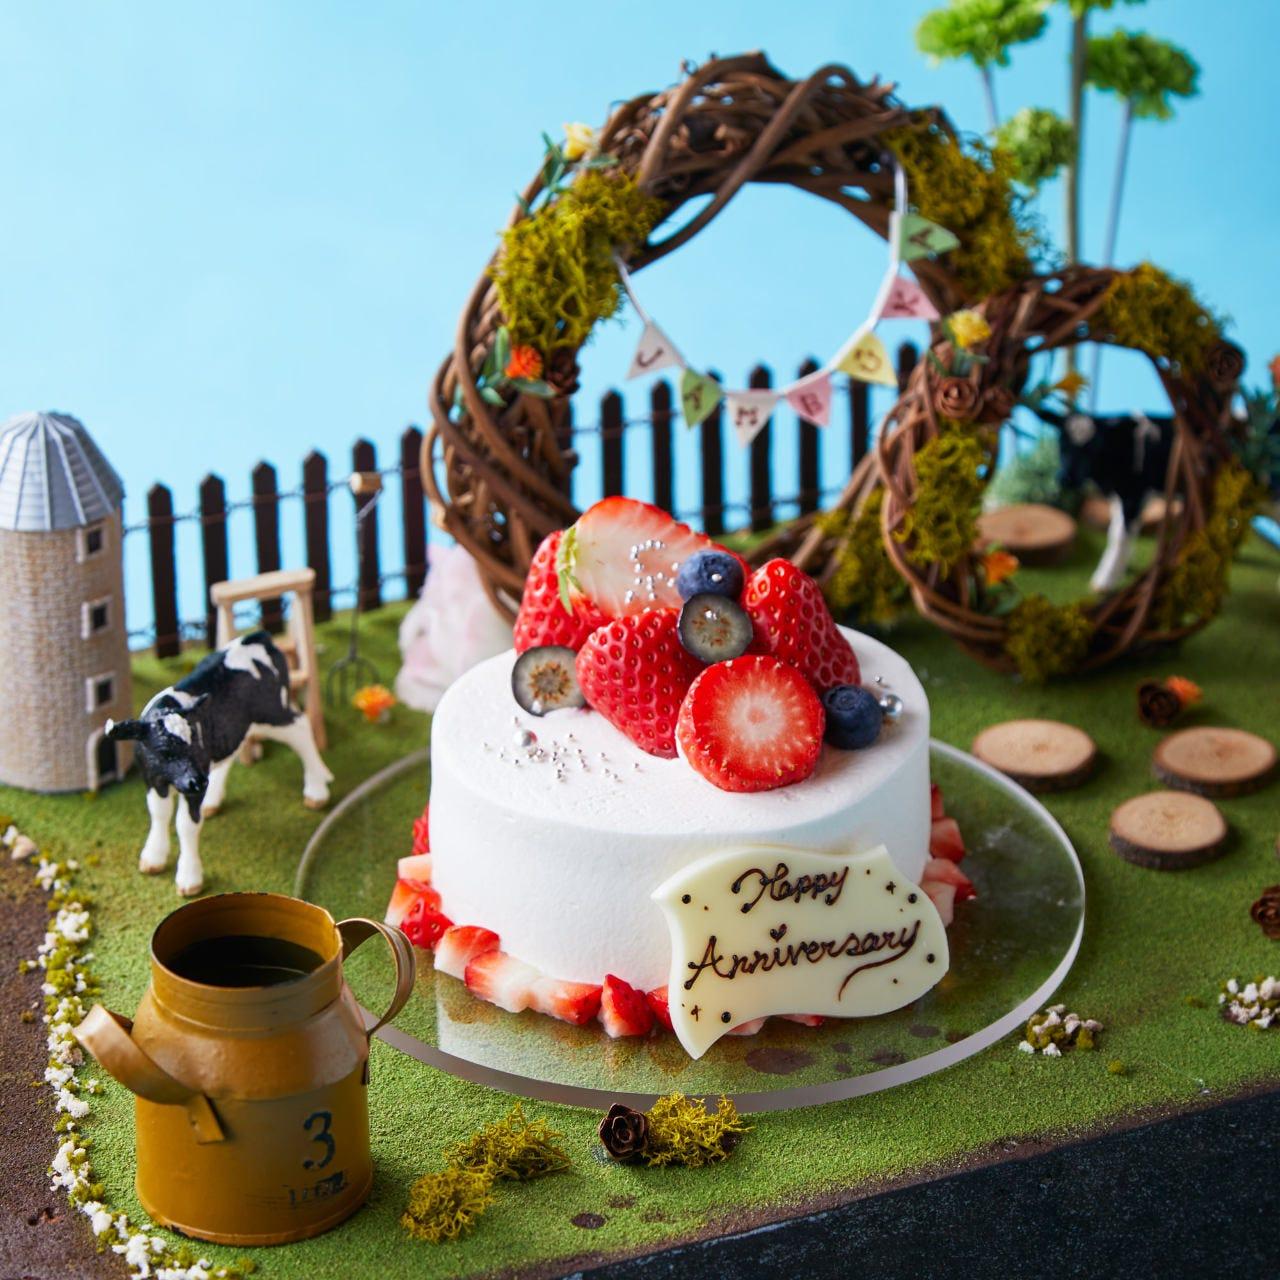 お祝いにはパティシエ特製の牧場ジオラマケーキでサプライズ